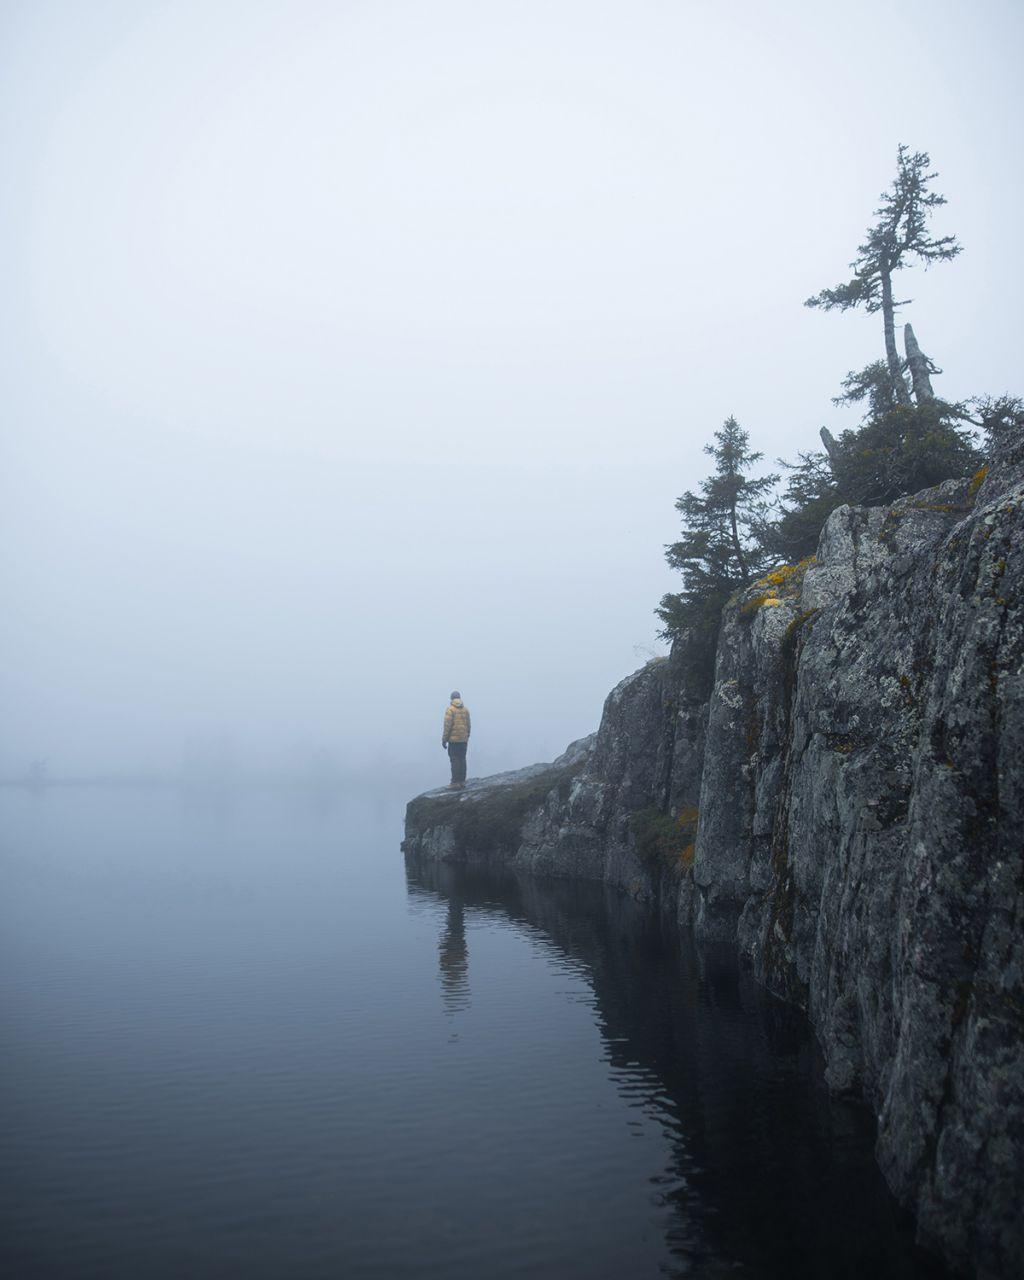 The Misty Peak, by Arctic nature photographer Sanni Vierelä